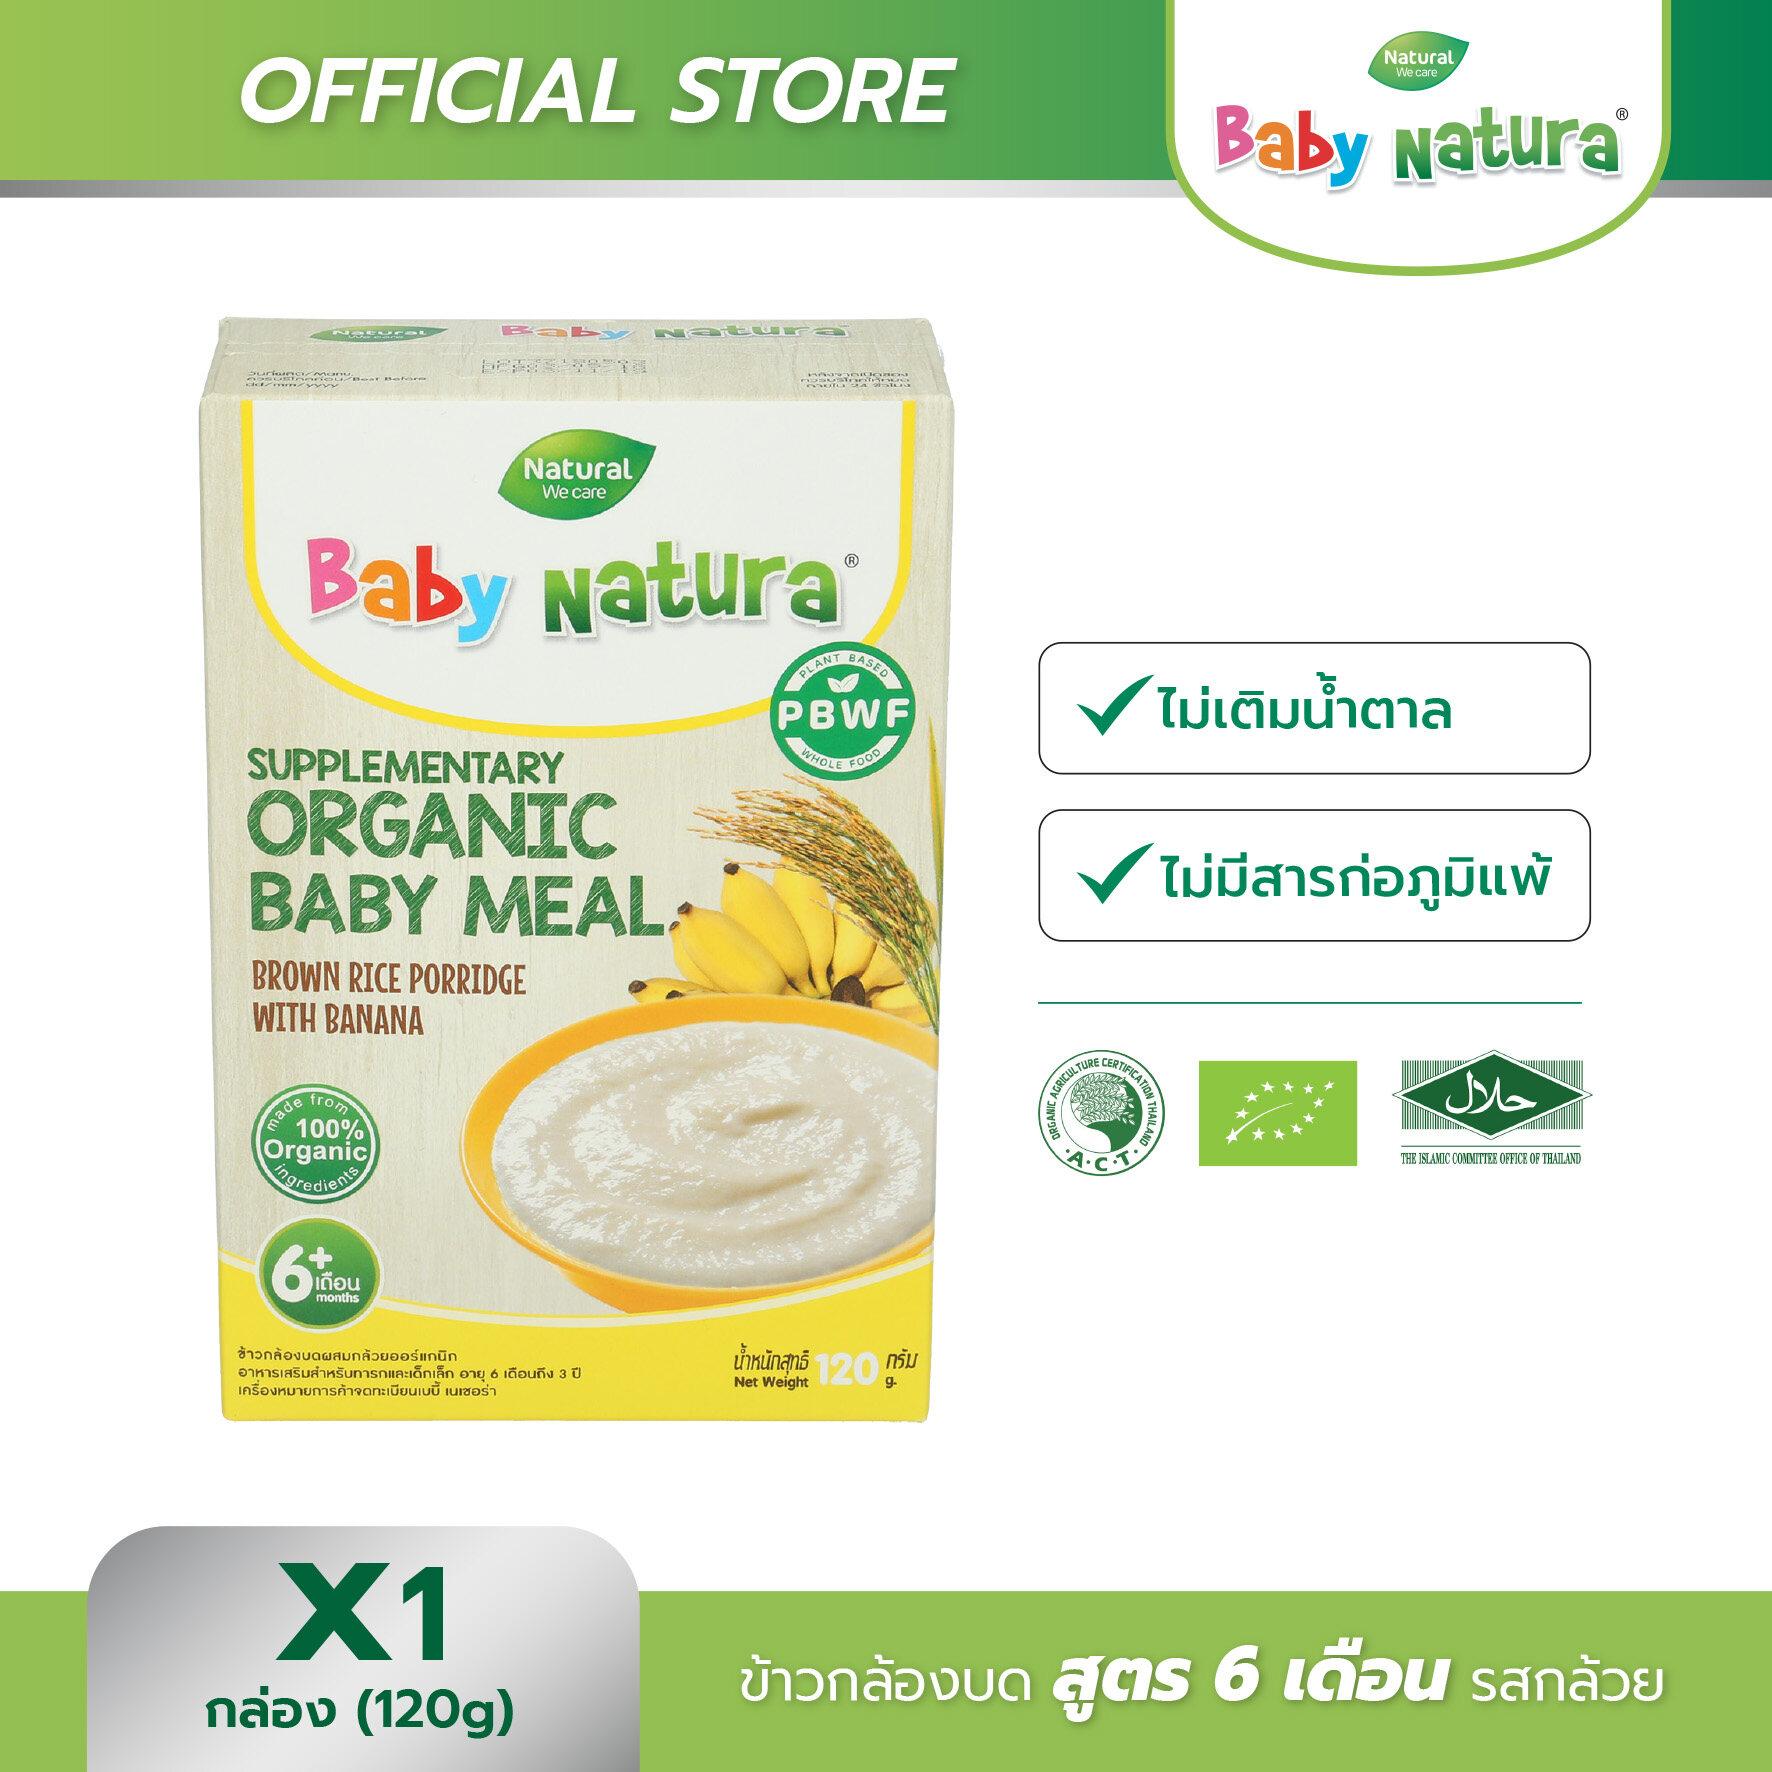 อาหารเสริมสำหรับเด็ก Baby Natura สูตรสำหรับ เด็กอายุ6เดือน ขึ้นไป รสข้าวกล้อง และกล้วย.